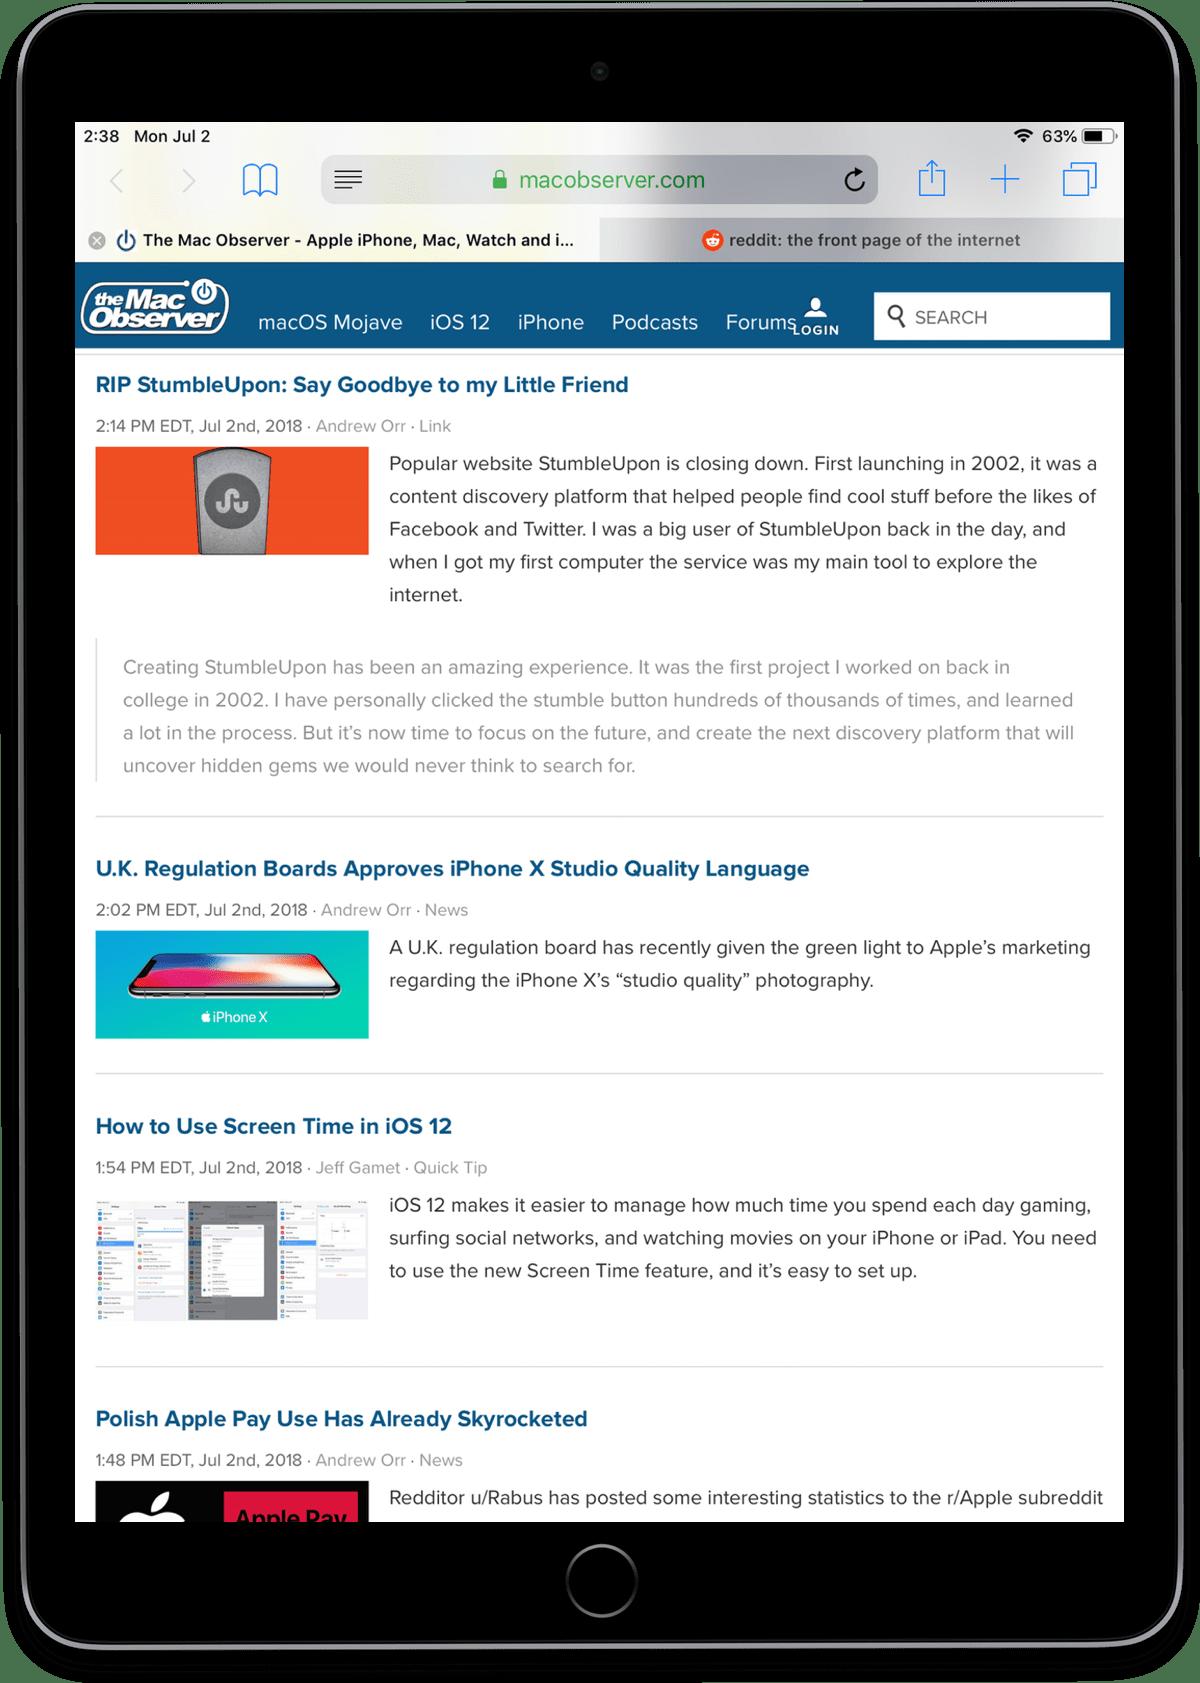 Image of iOS Safari favicons on the iPad.